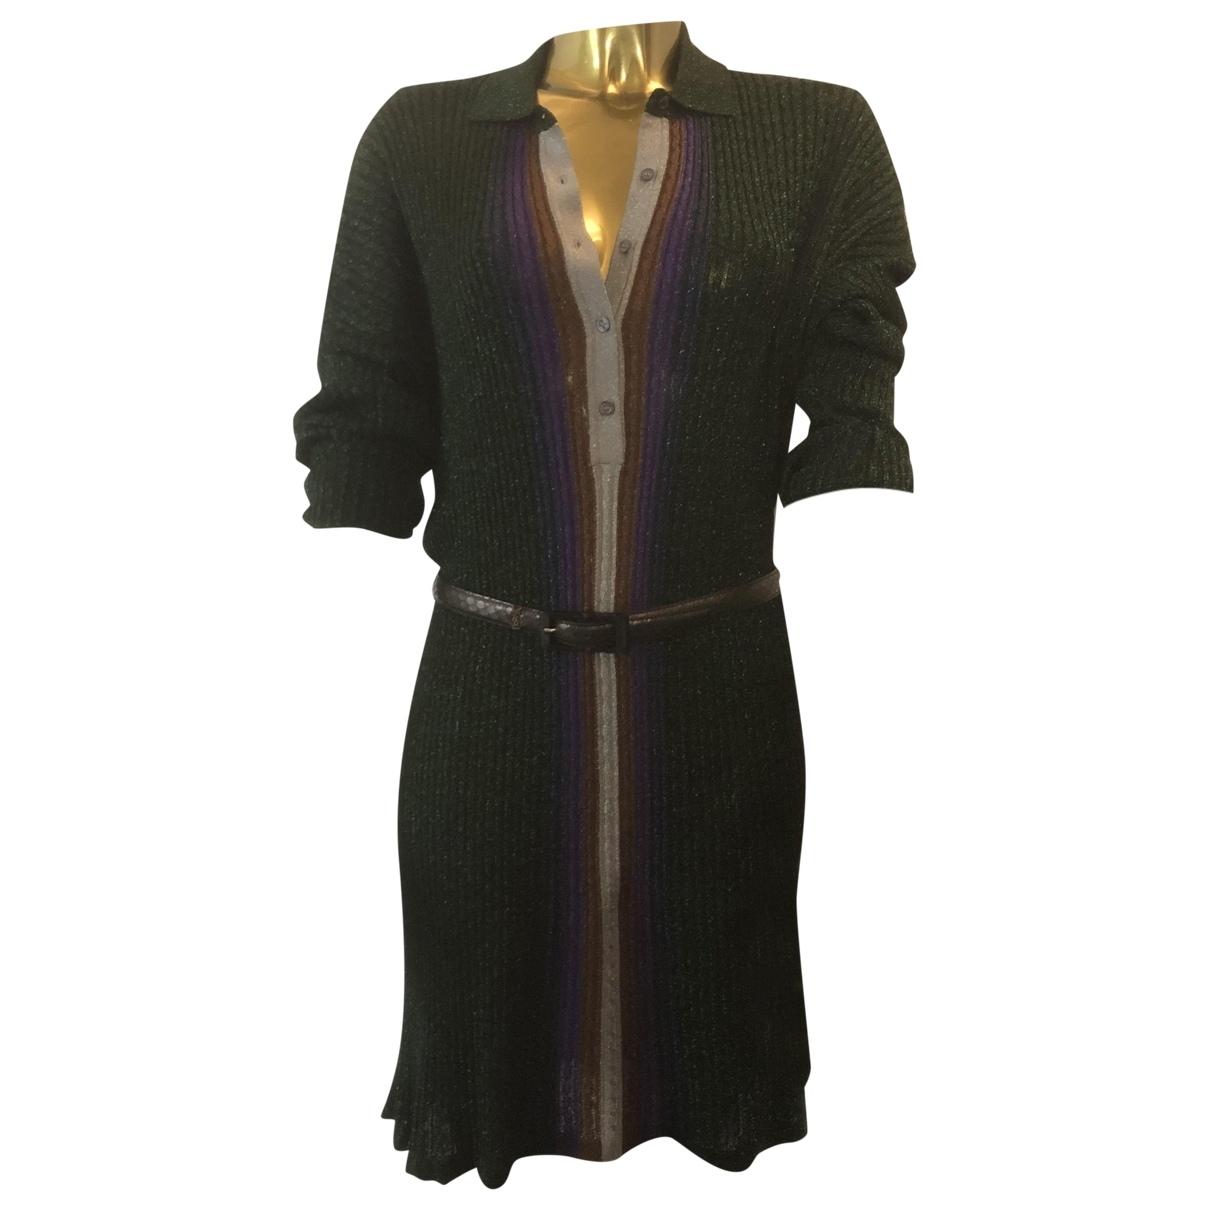 Marco De Vincenzo \N Kleid in  Gruen Synthetik